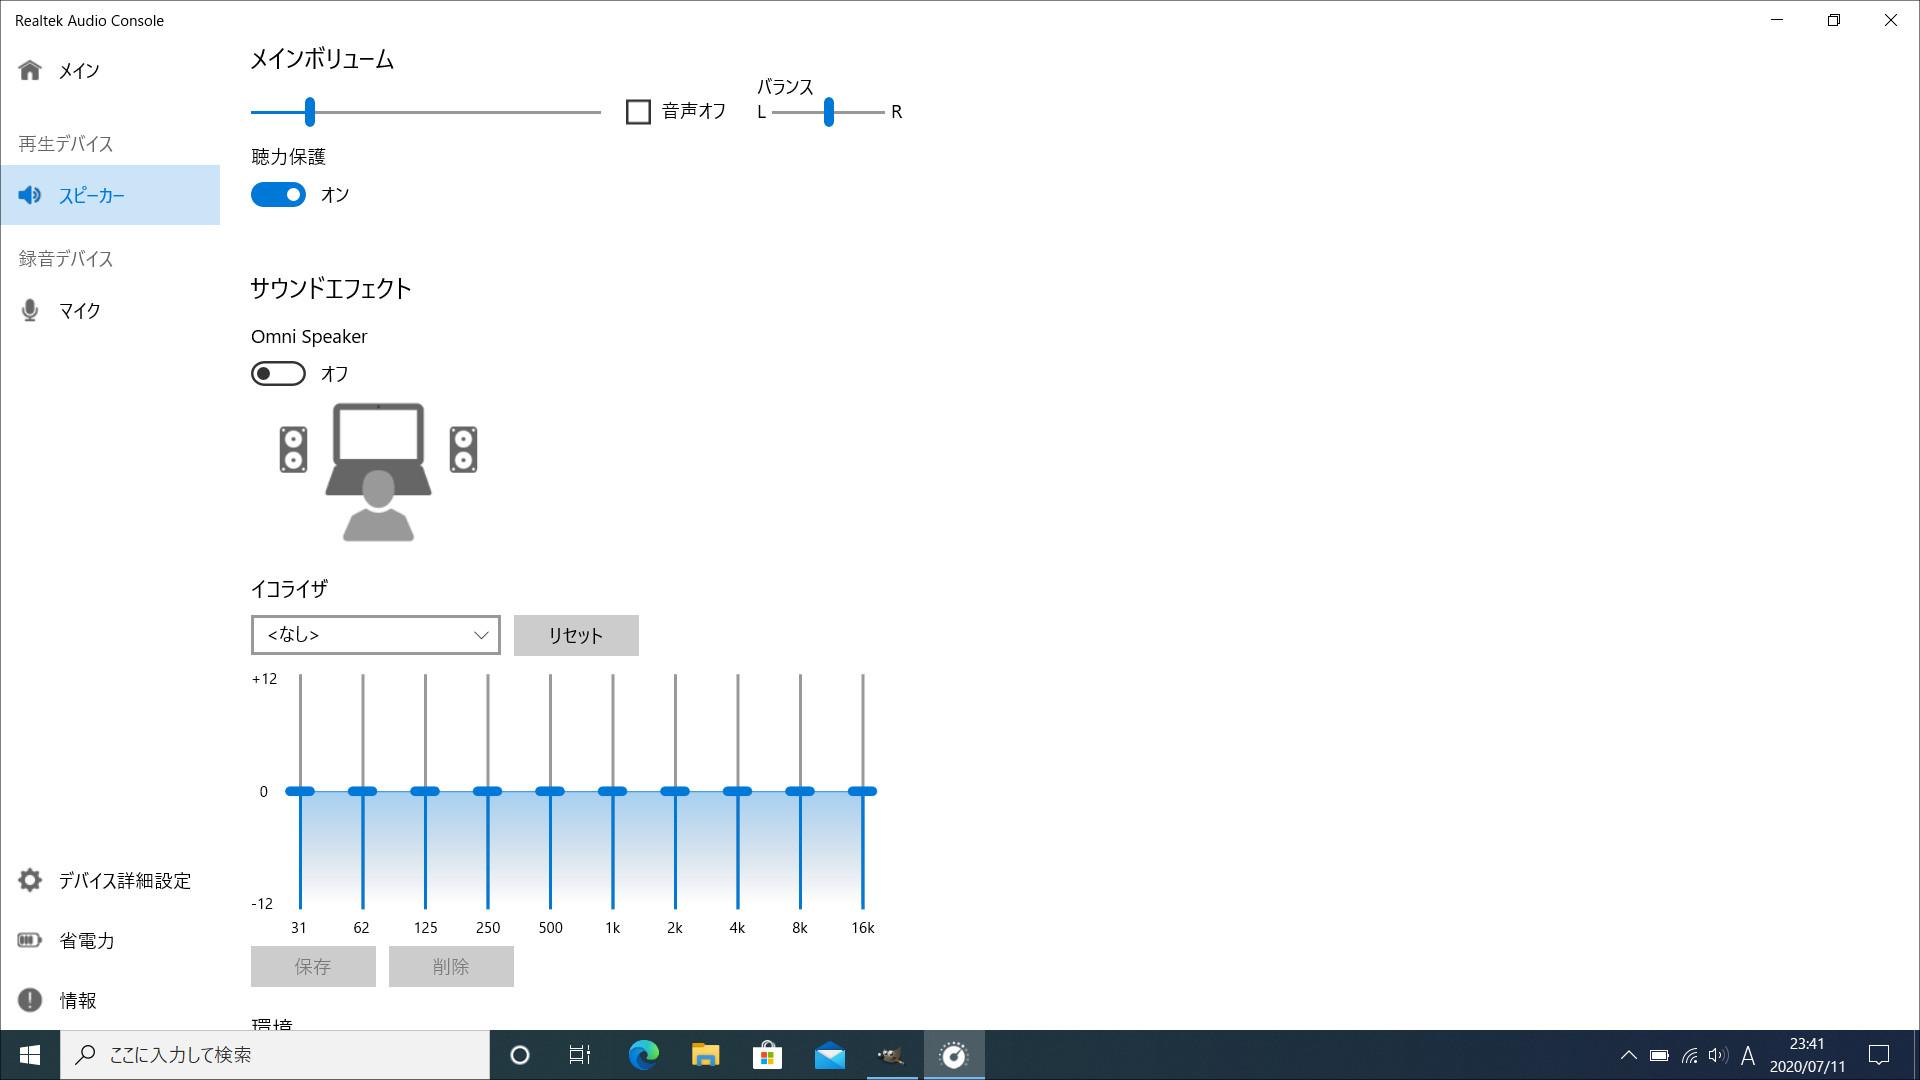 ドスパラ DX-C5 オーディオ